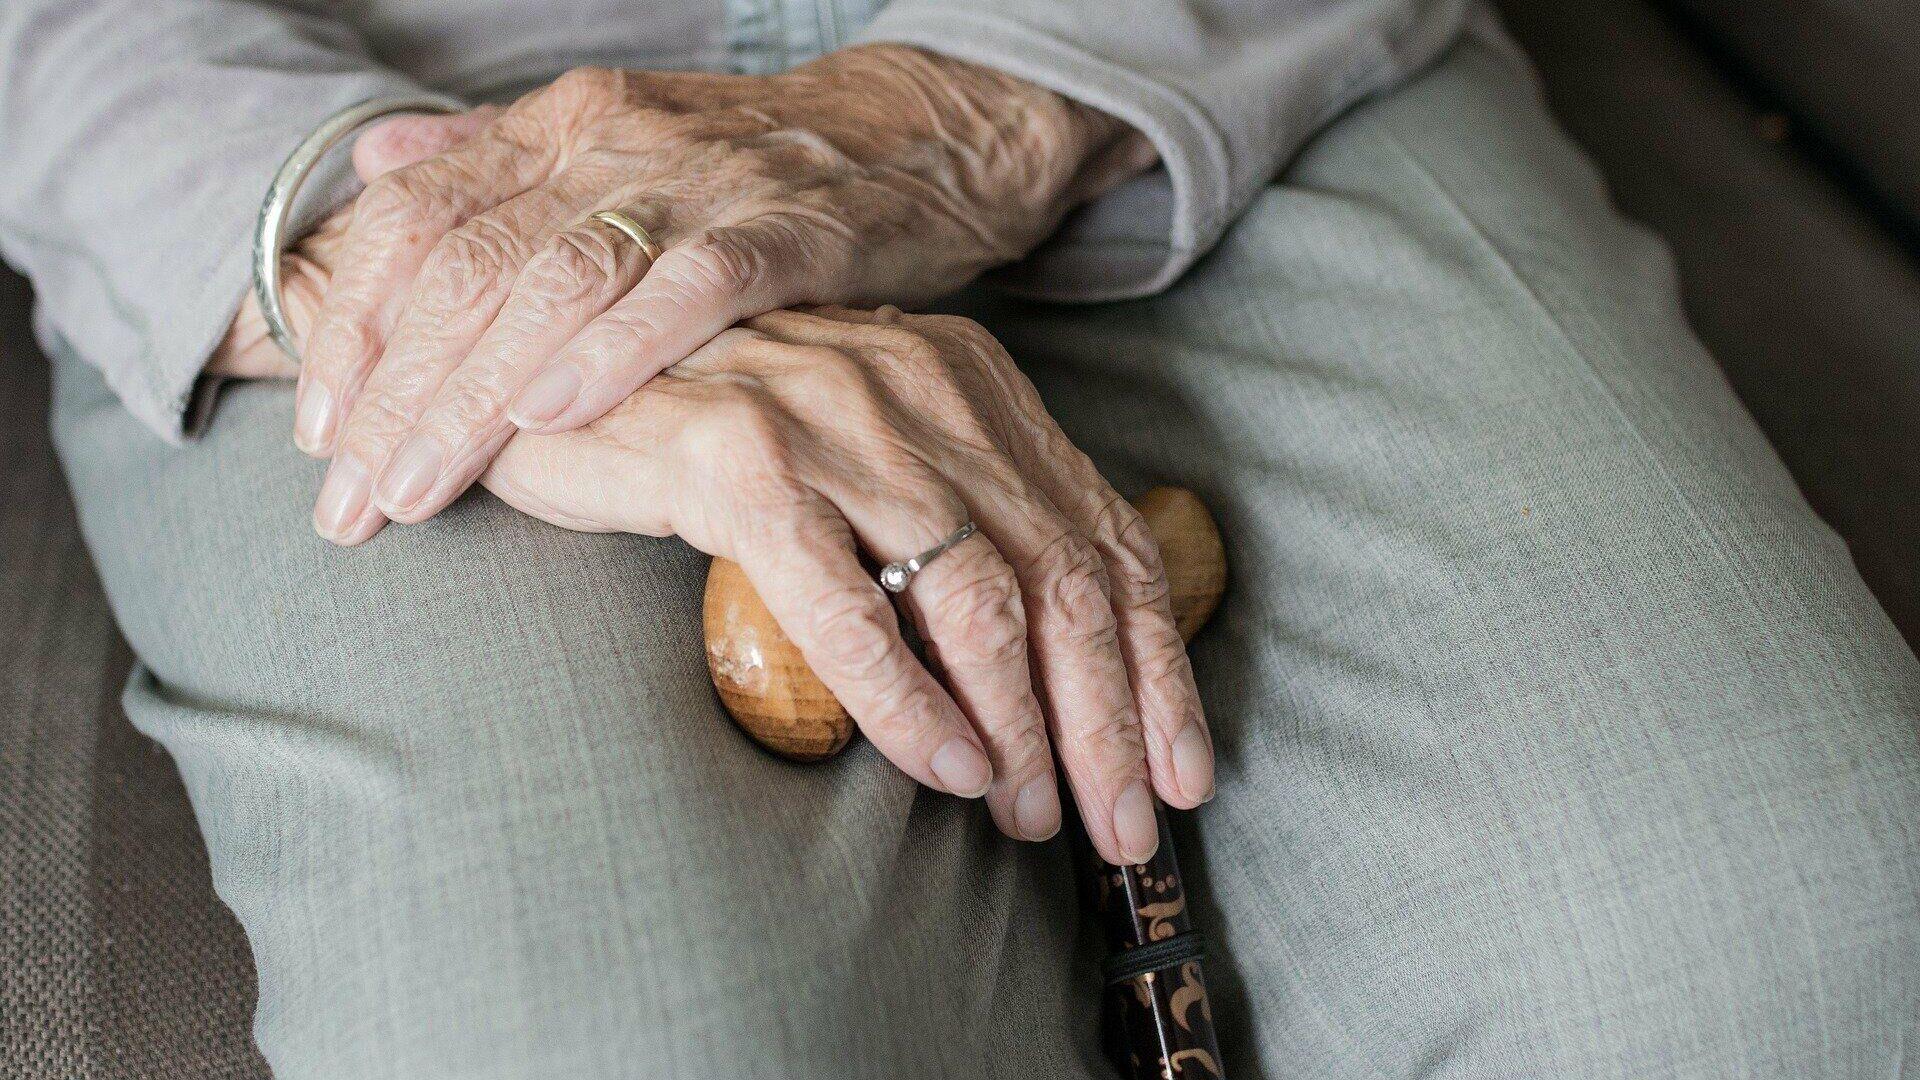 Imagen referencial de las manos de un anciano - Sputnik Mundo, 1920, 27.07.2021